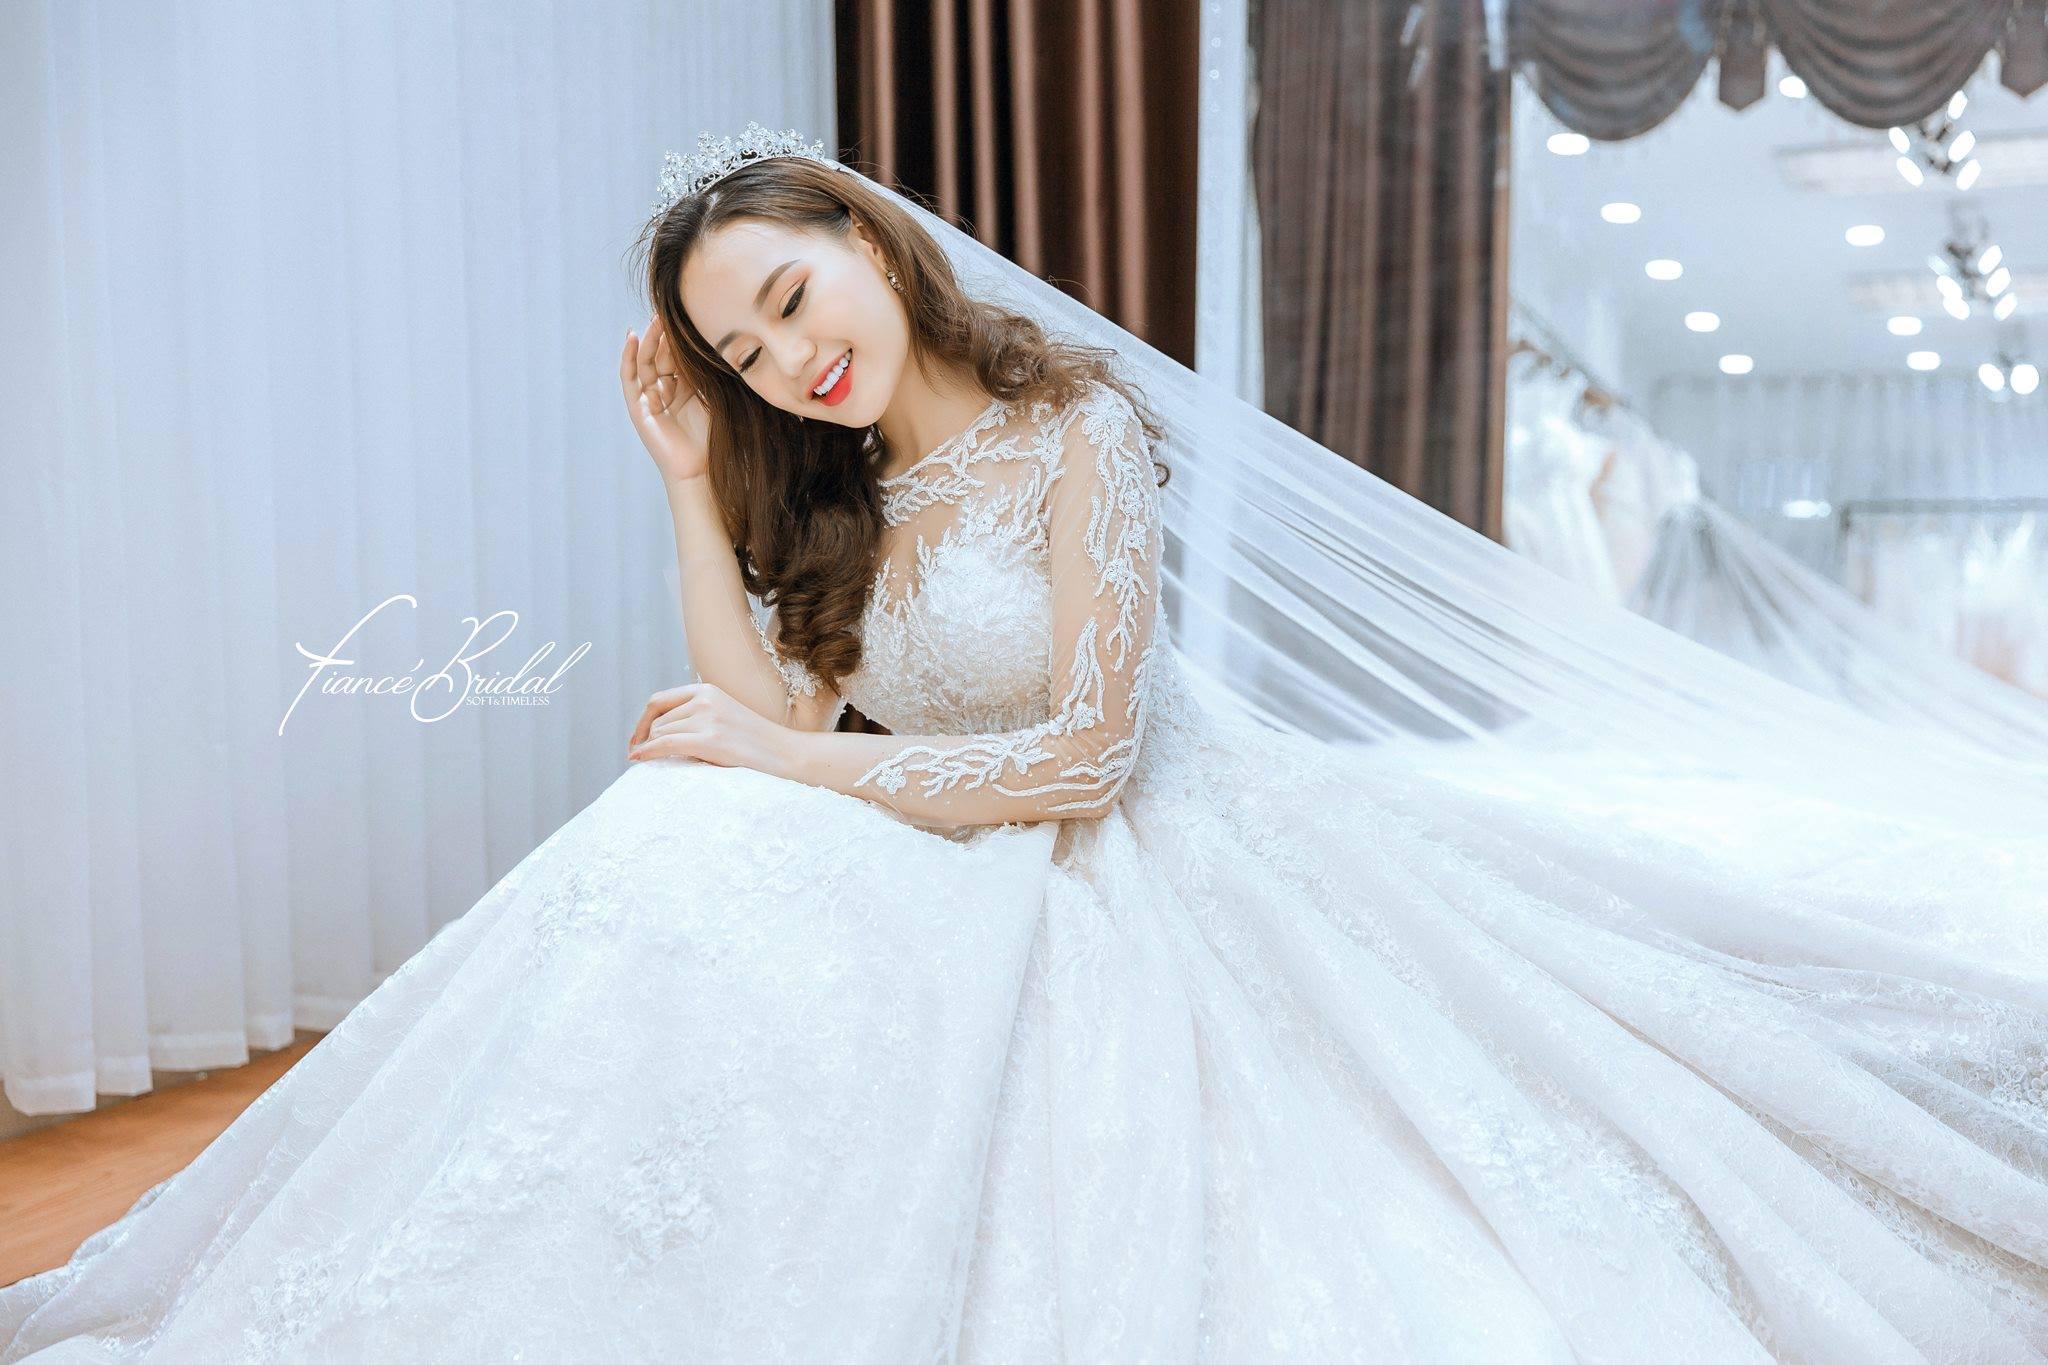 Nếu có ý định tìm cho mình một chiếc váy cưới thật chất, đây là gợi ý cho bạn - Ảnh 3.